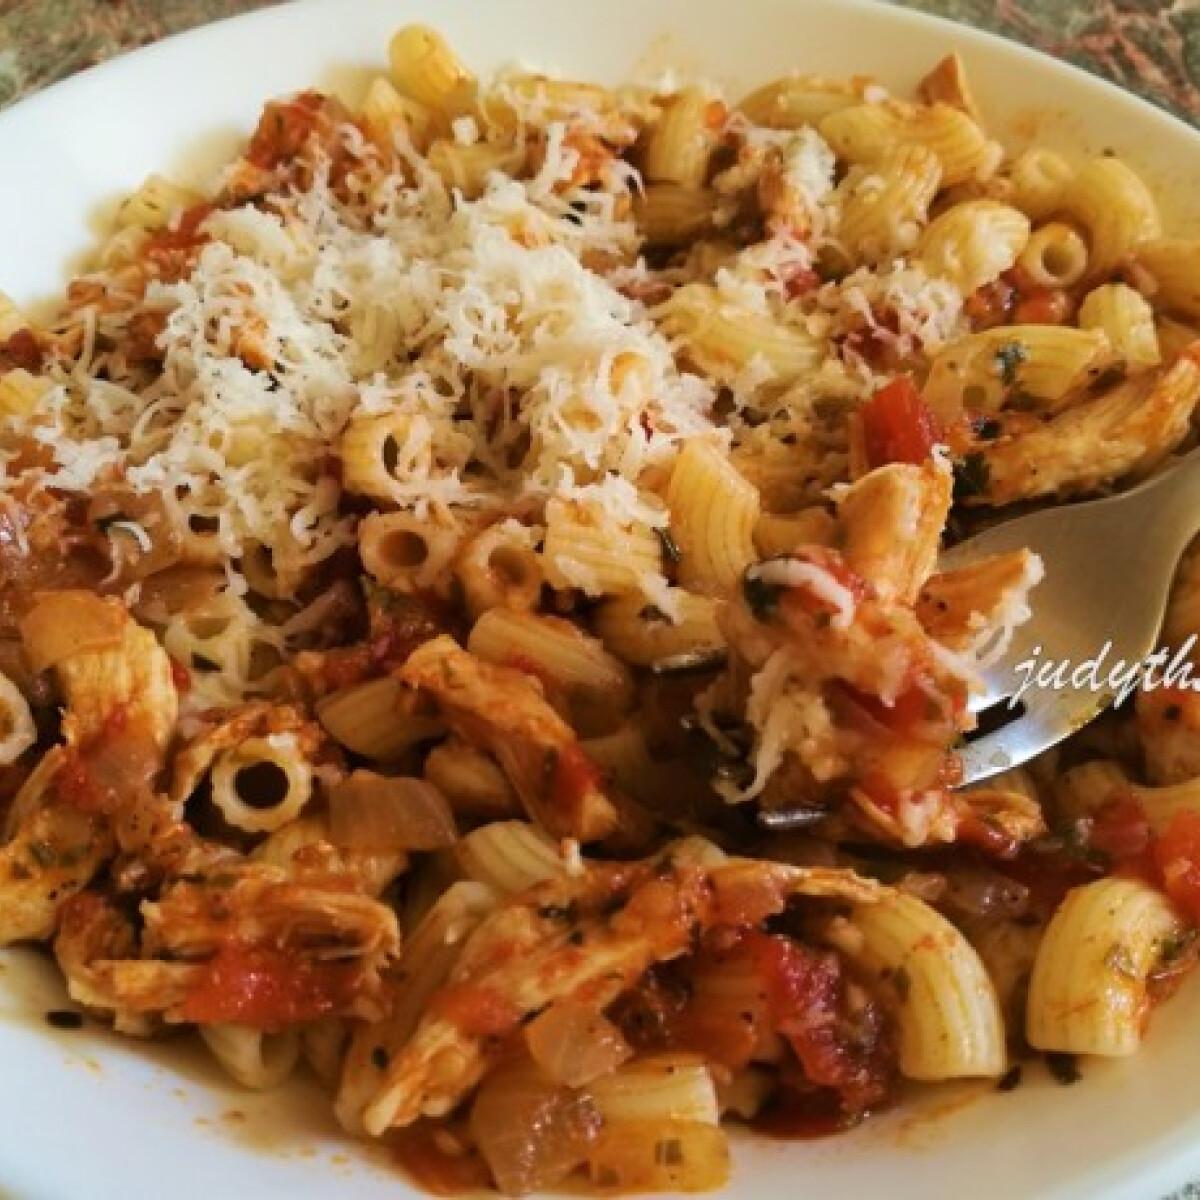 Olaszos-fűszeres paradicsomszósz csirkemellel, friss paradicsomból